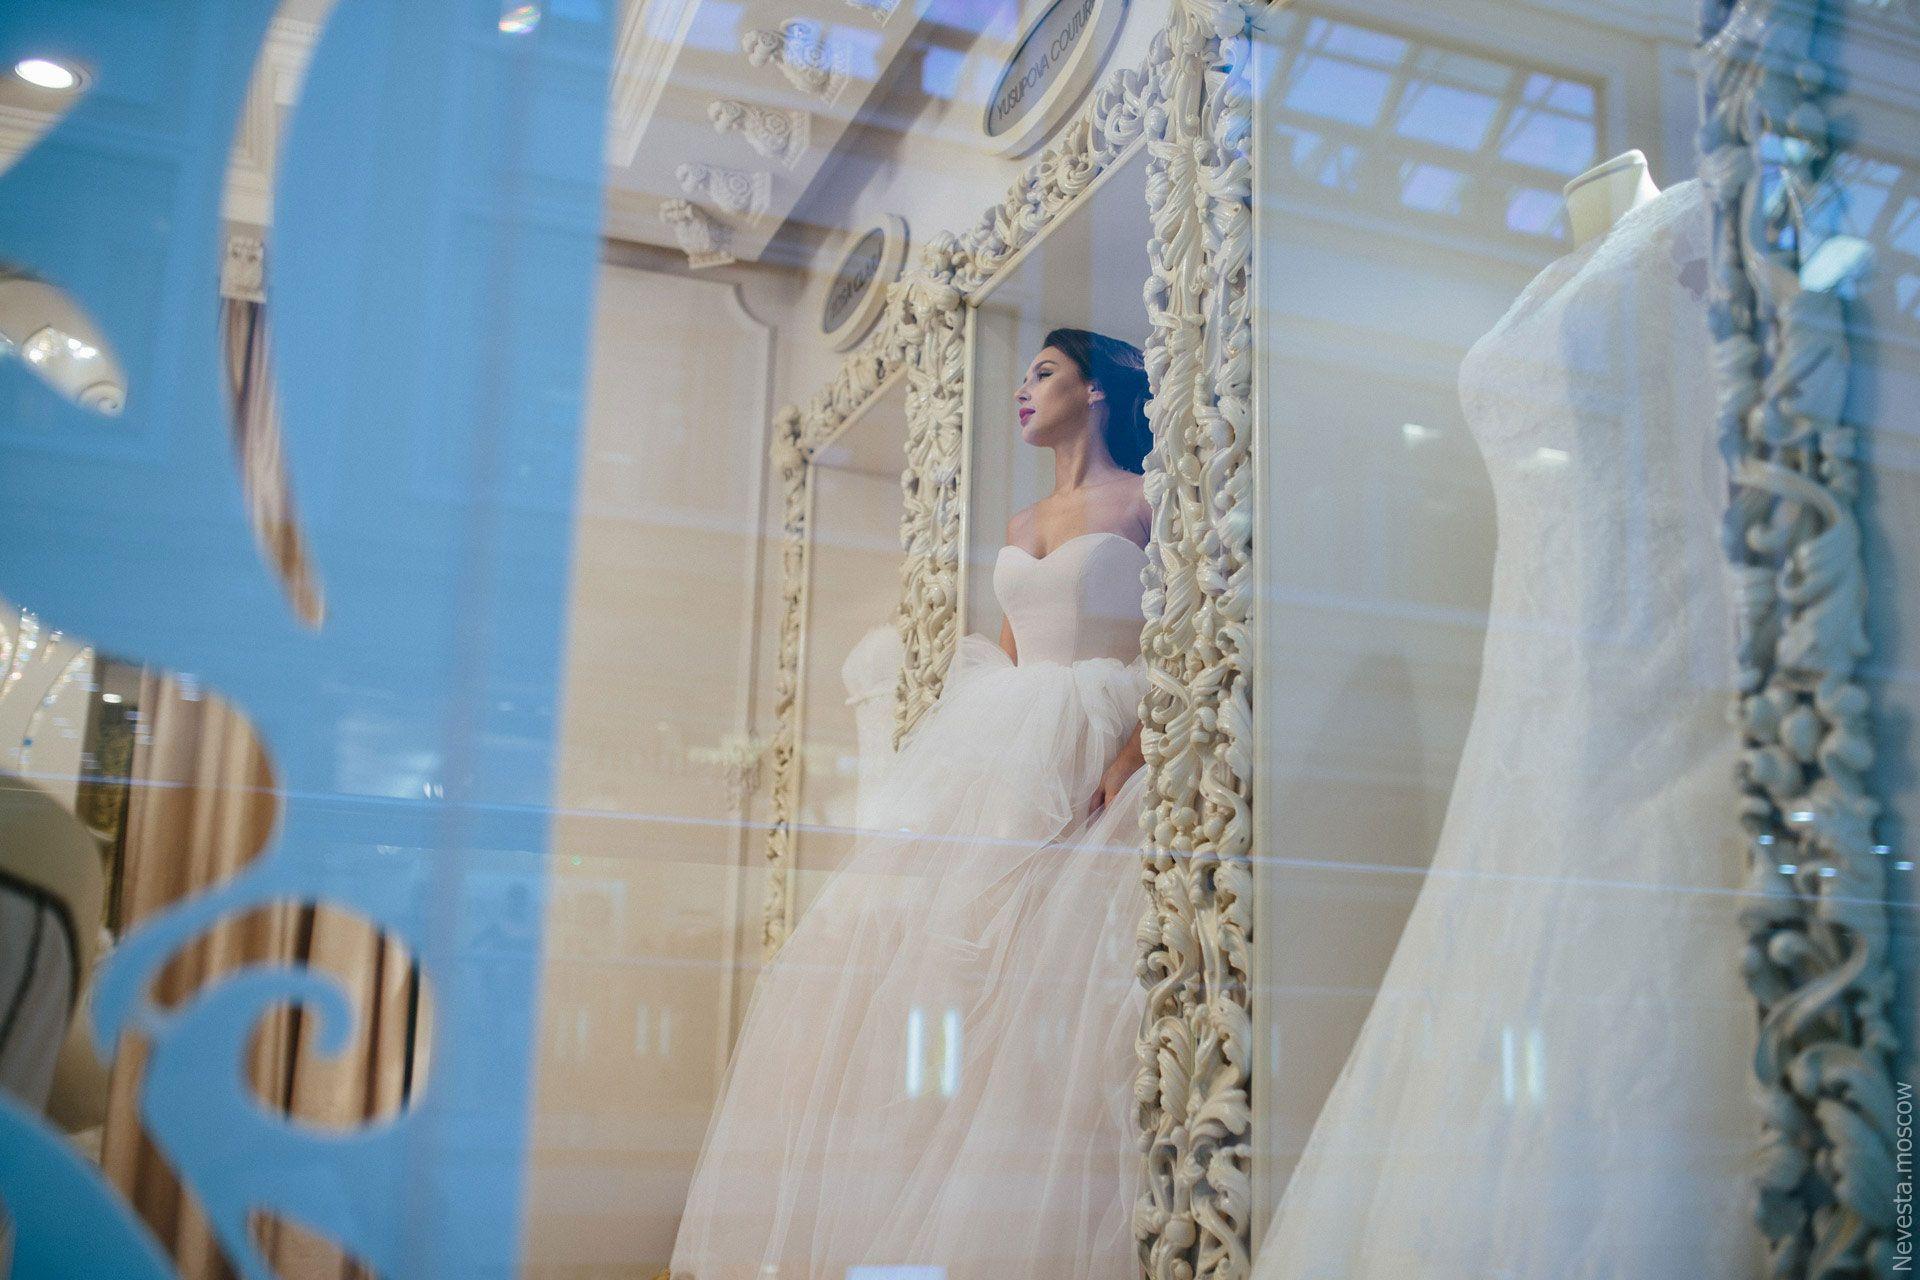 «Королева России» Диана Пегас примеряет образ для испанской свадьбы, фото 26